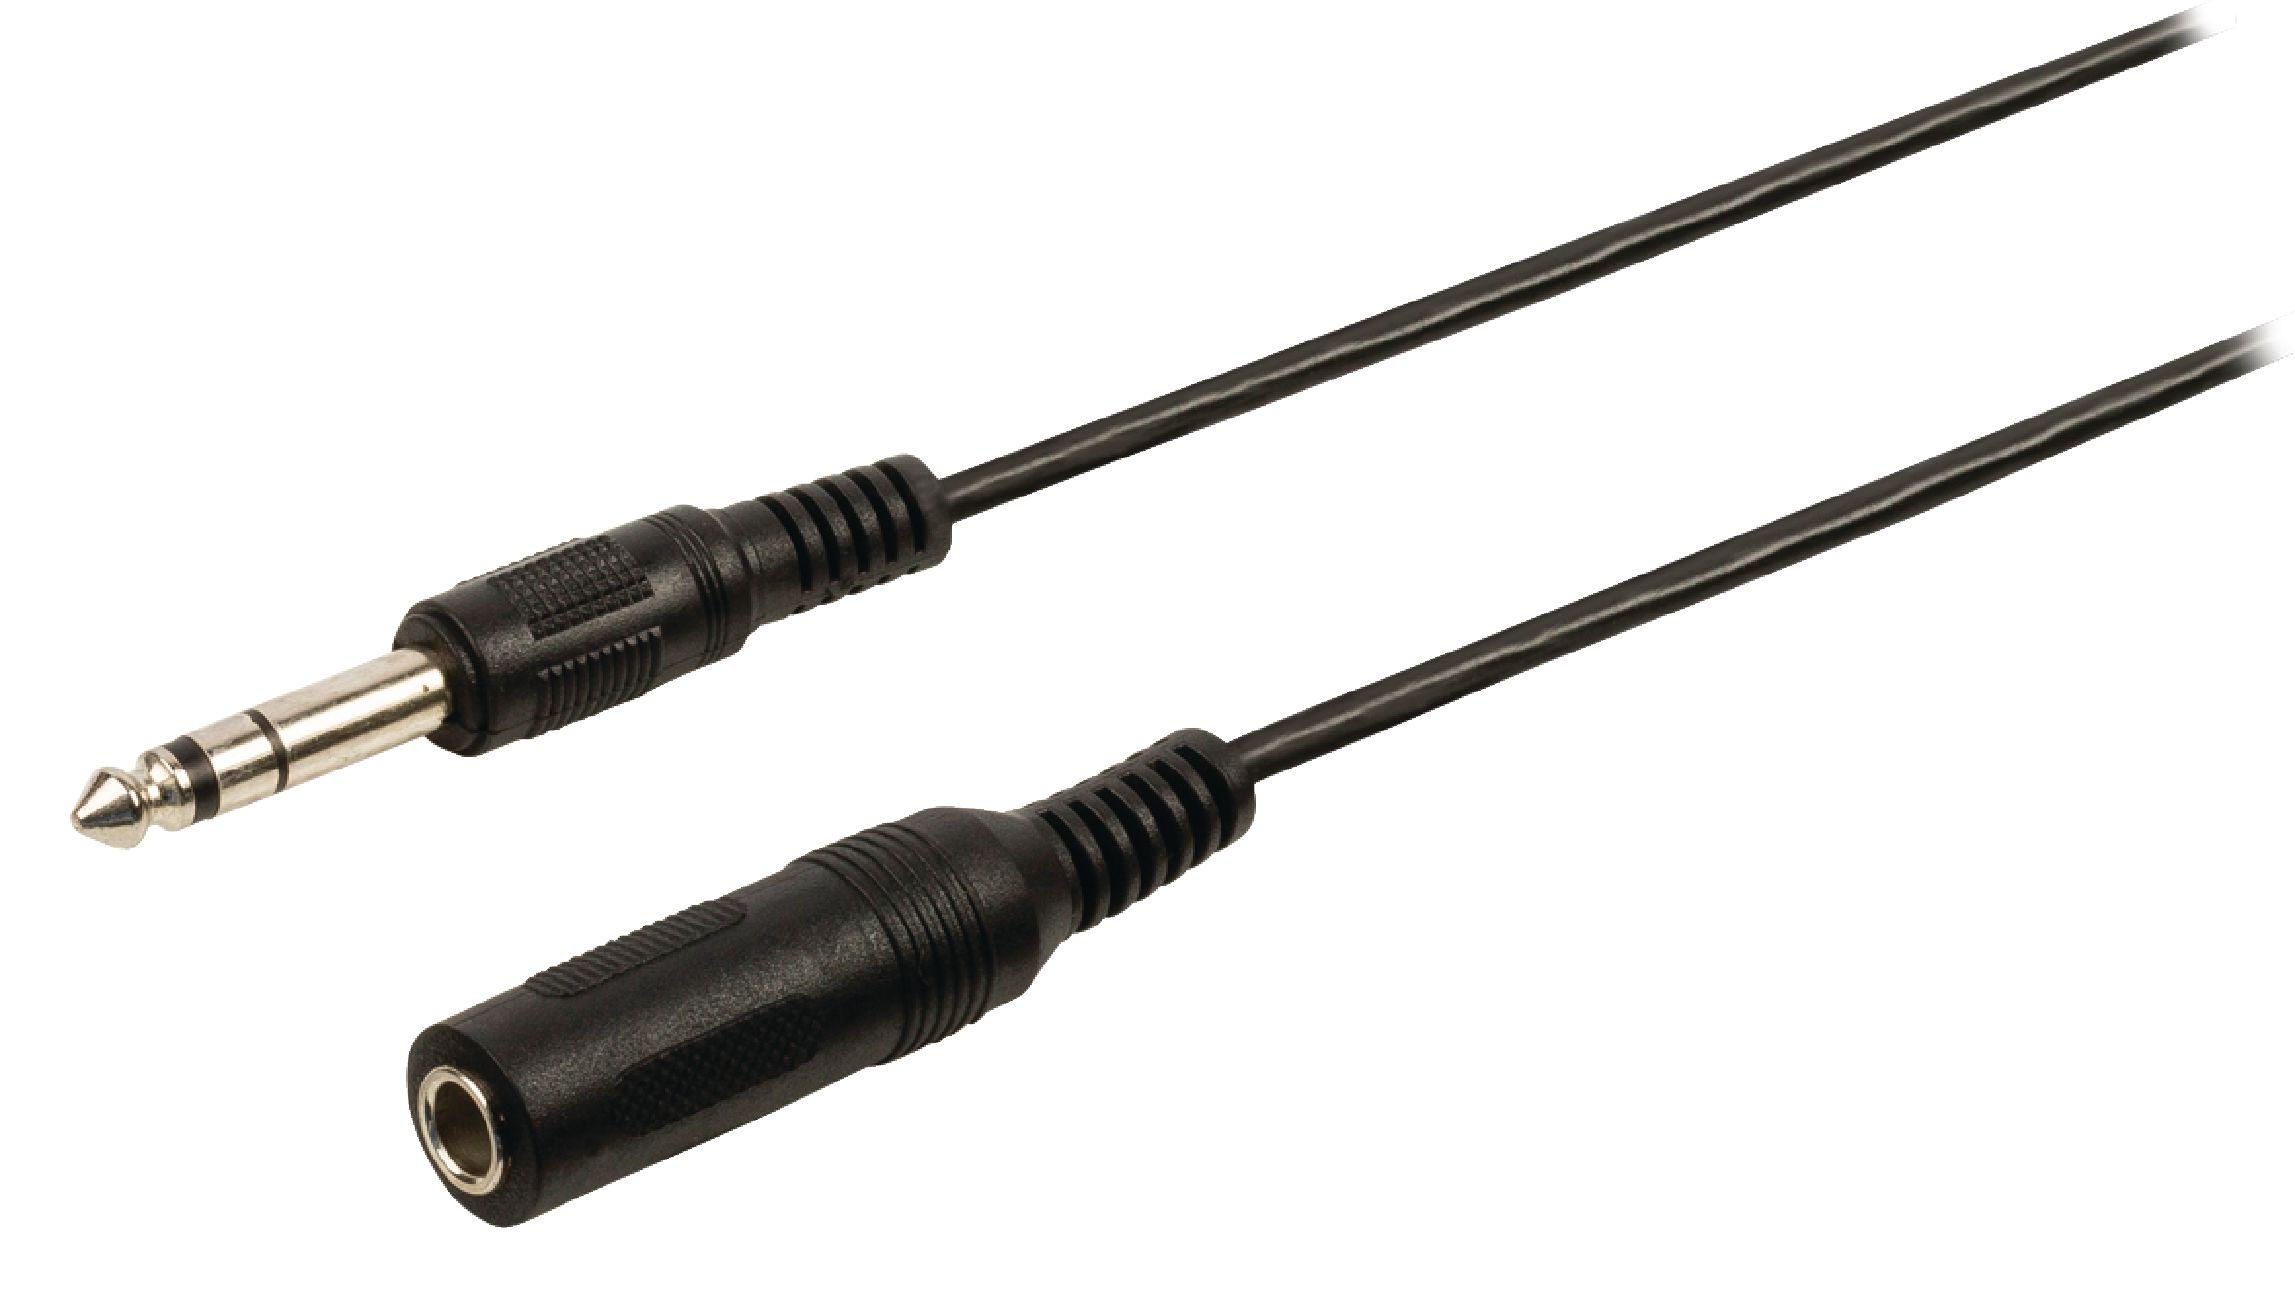 Cable De Extensi 243 N De Audio Jack Est 233 Reo Macho Hembra De 6